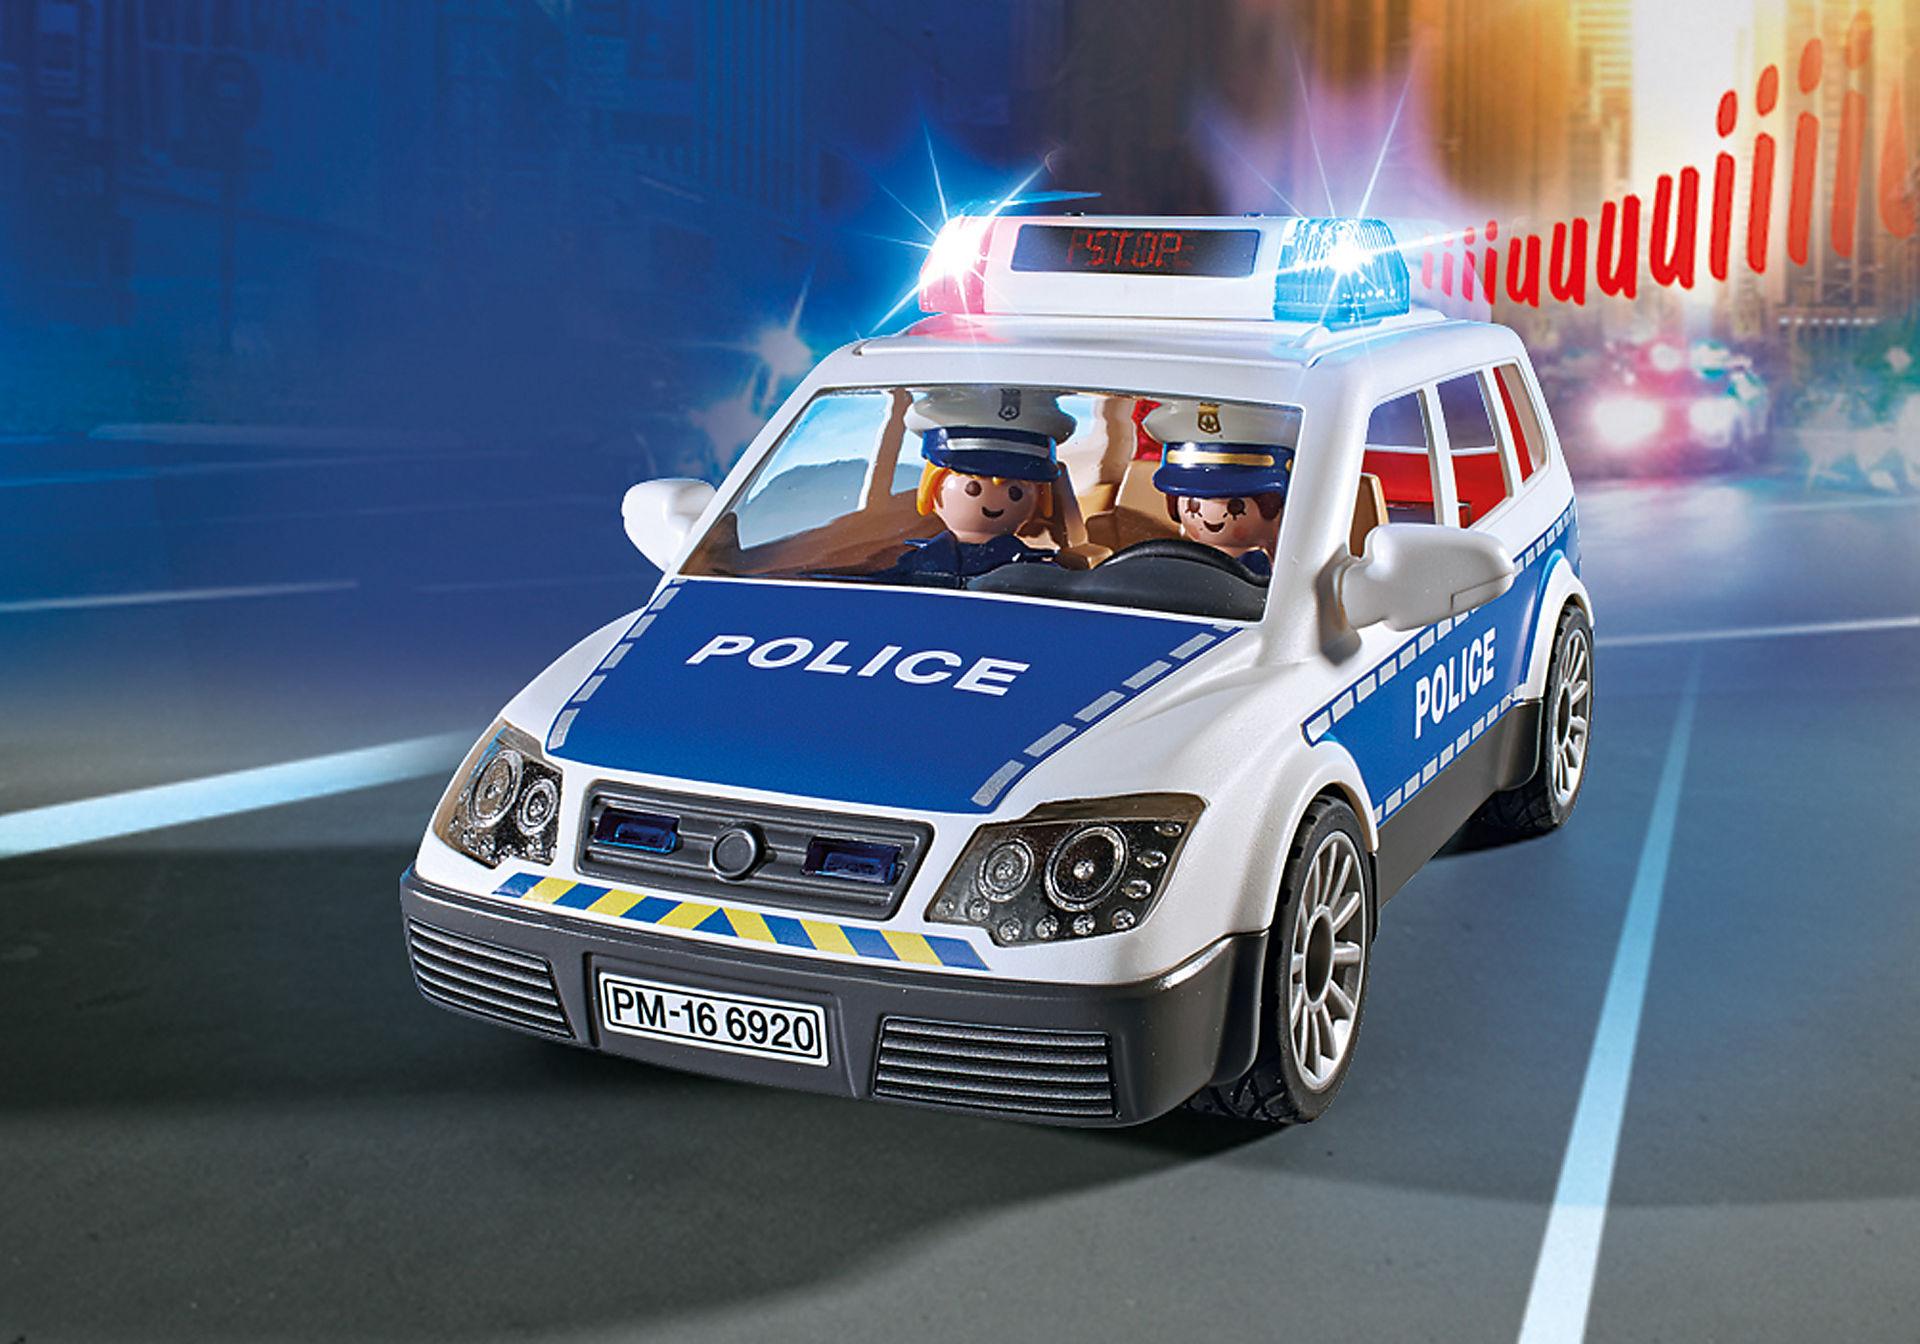 6920 Polisbil med ljus och ljud zoom image6